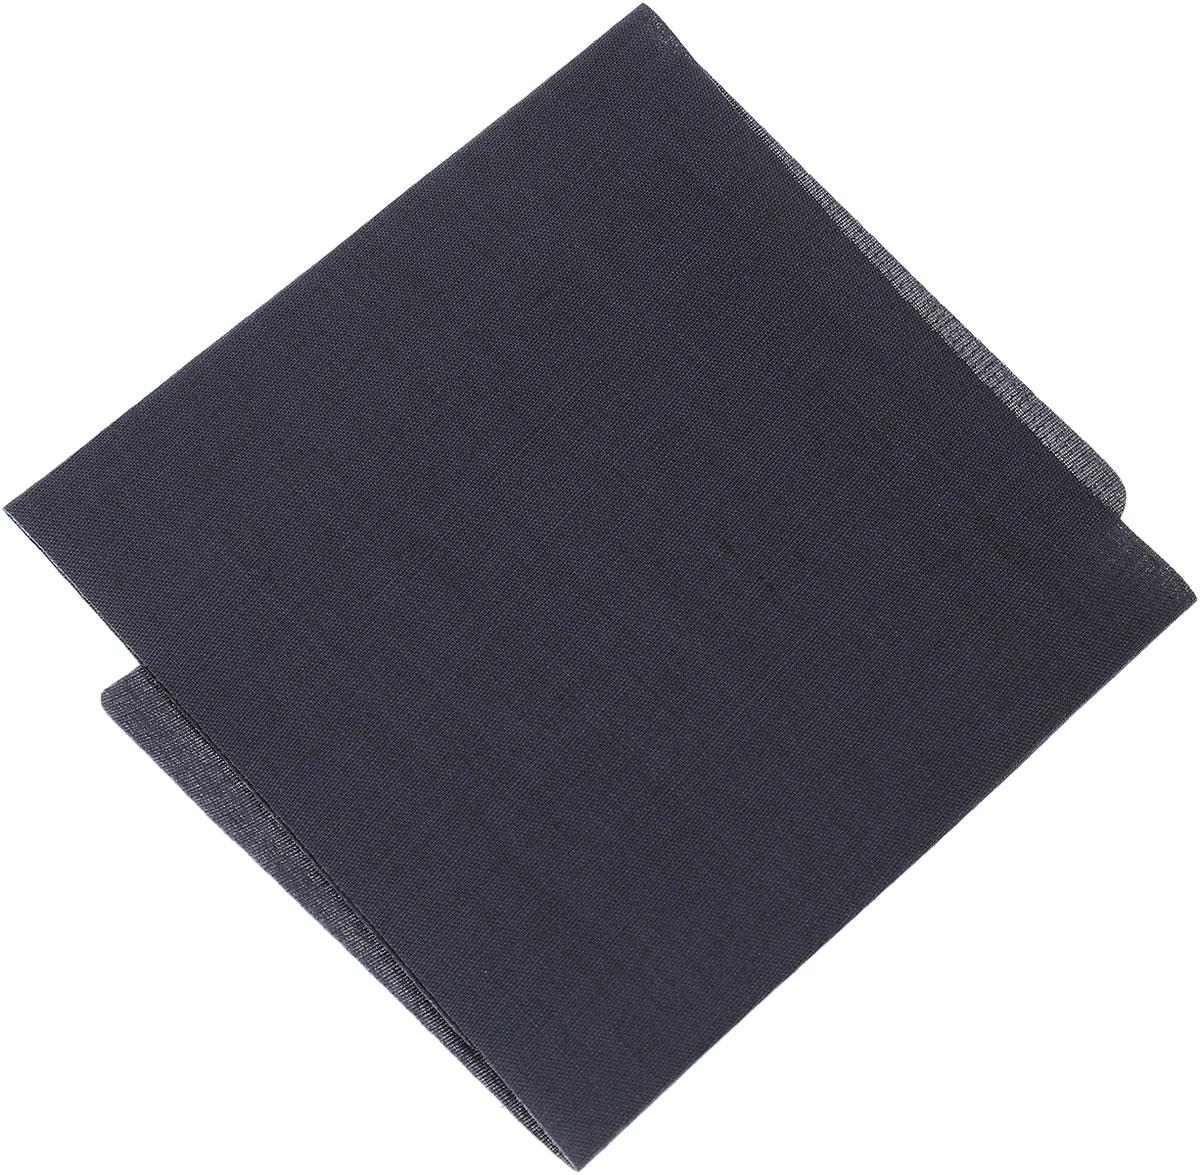 Термозаплатка Hemline, цвет: темно-серый, 24 х 9 см691.DGТермозаплатка Hemline, изготовленная из поликоттона (хлопок, полиэстер), применяется для отделки и ремонта предметов одежды, домашнего текстиля и аксессуаров. Не предназначена для пластика, нейлона и вискозы. Прикрепляется с помощью утюга.